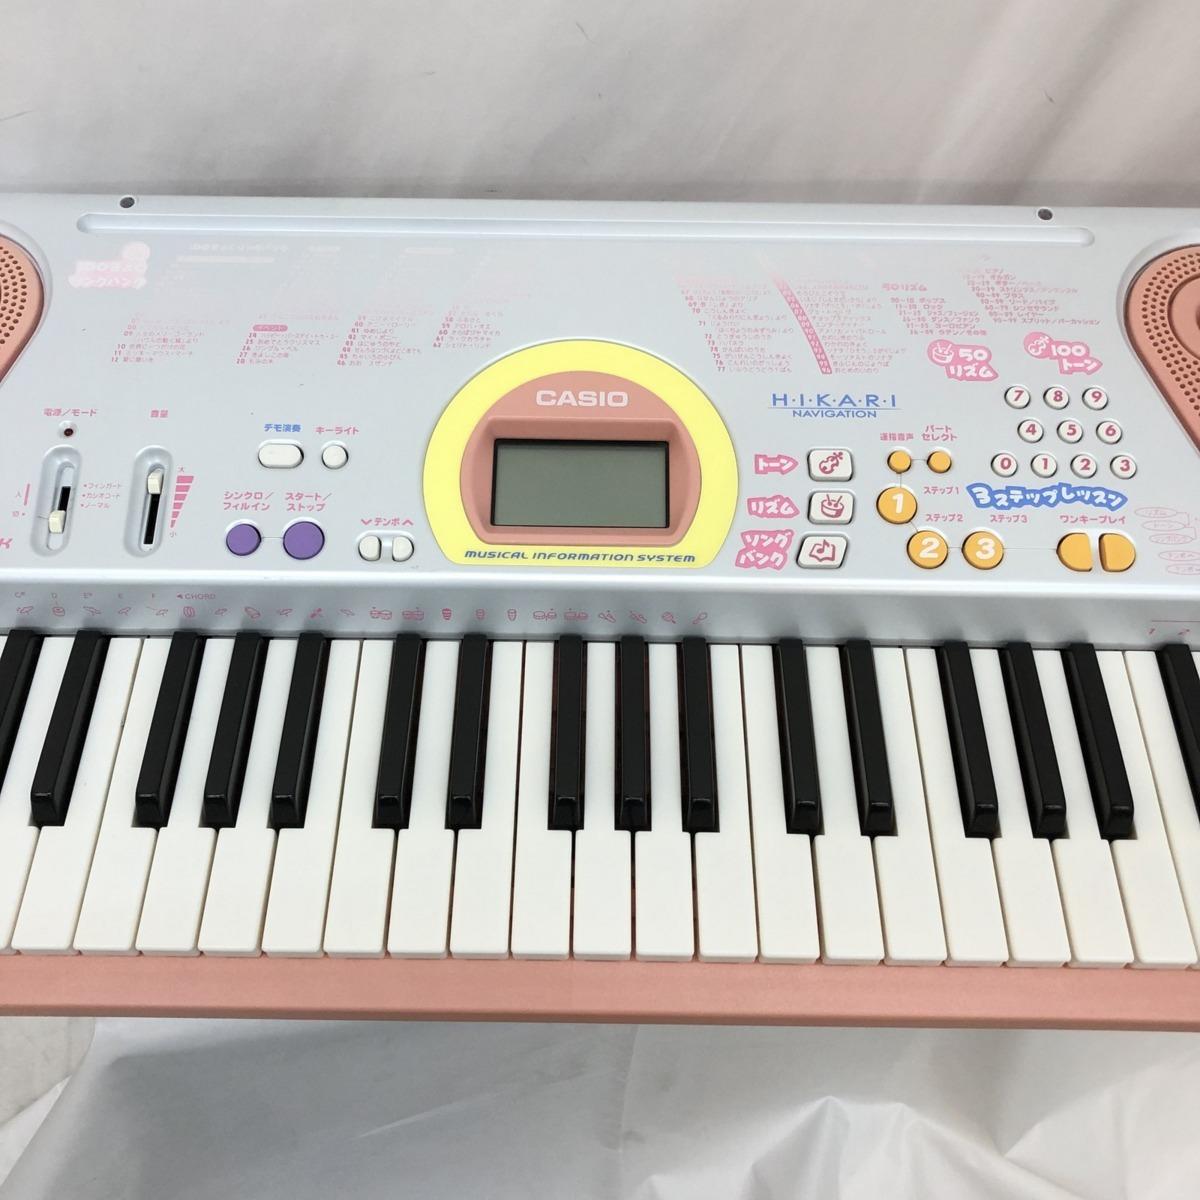 中古 CASIO カシオ 電子キーボード LK-102PK 61鍵盤 光ナビゲーション シルバー ピンク系 ポップカラー 電子ピアノ H15209_画像5